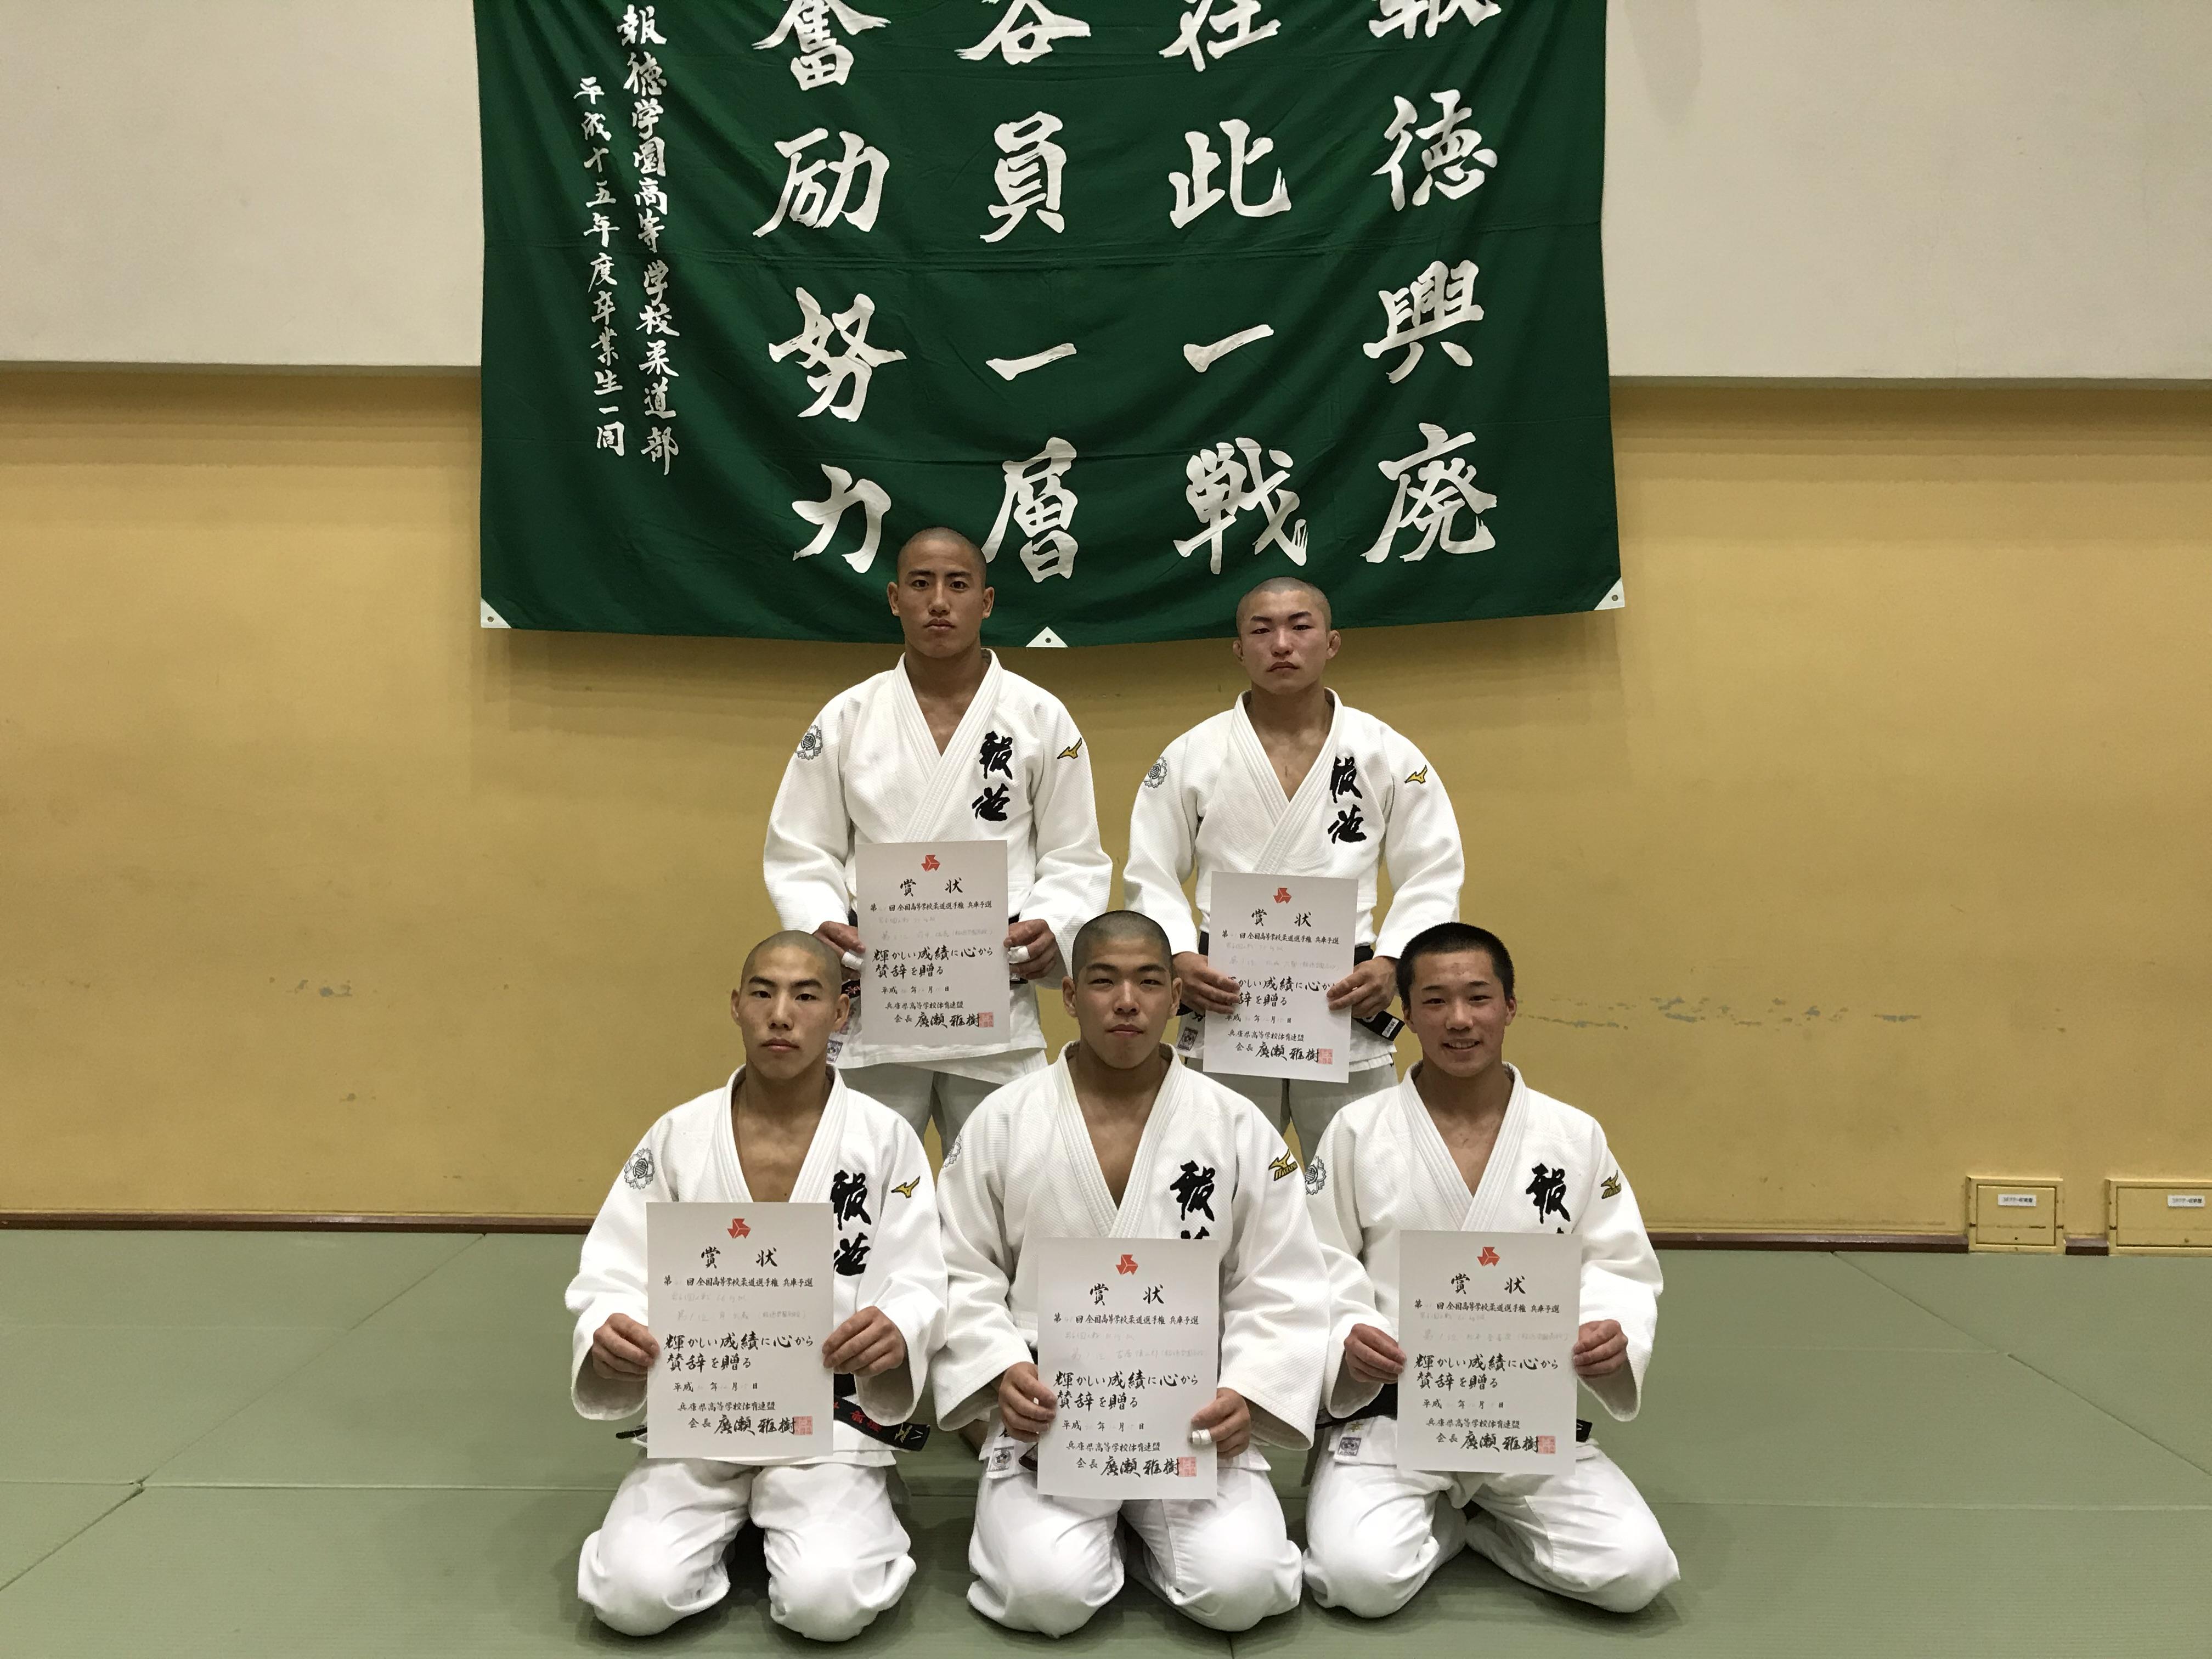 【大阪府柔道連盟 - Osaka Judo Federation】